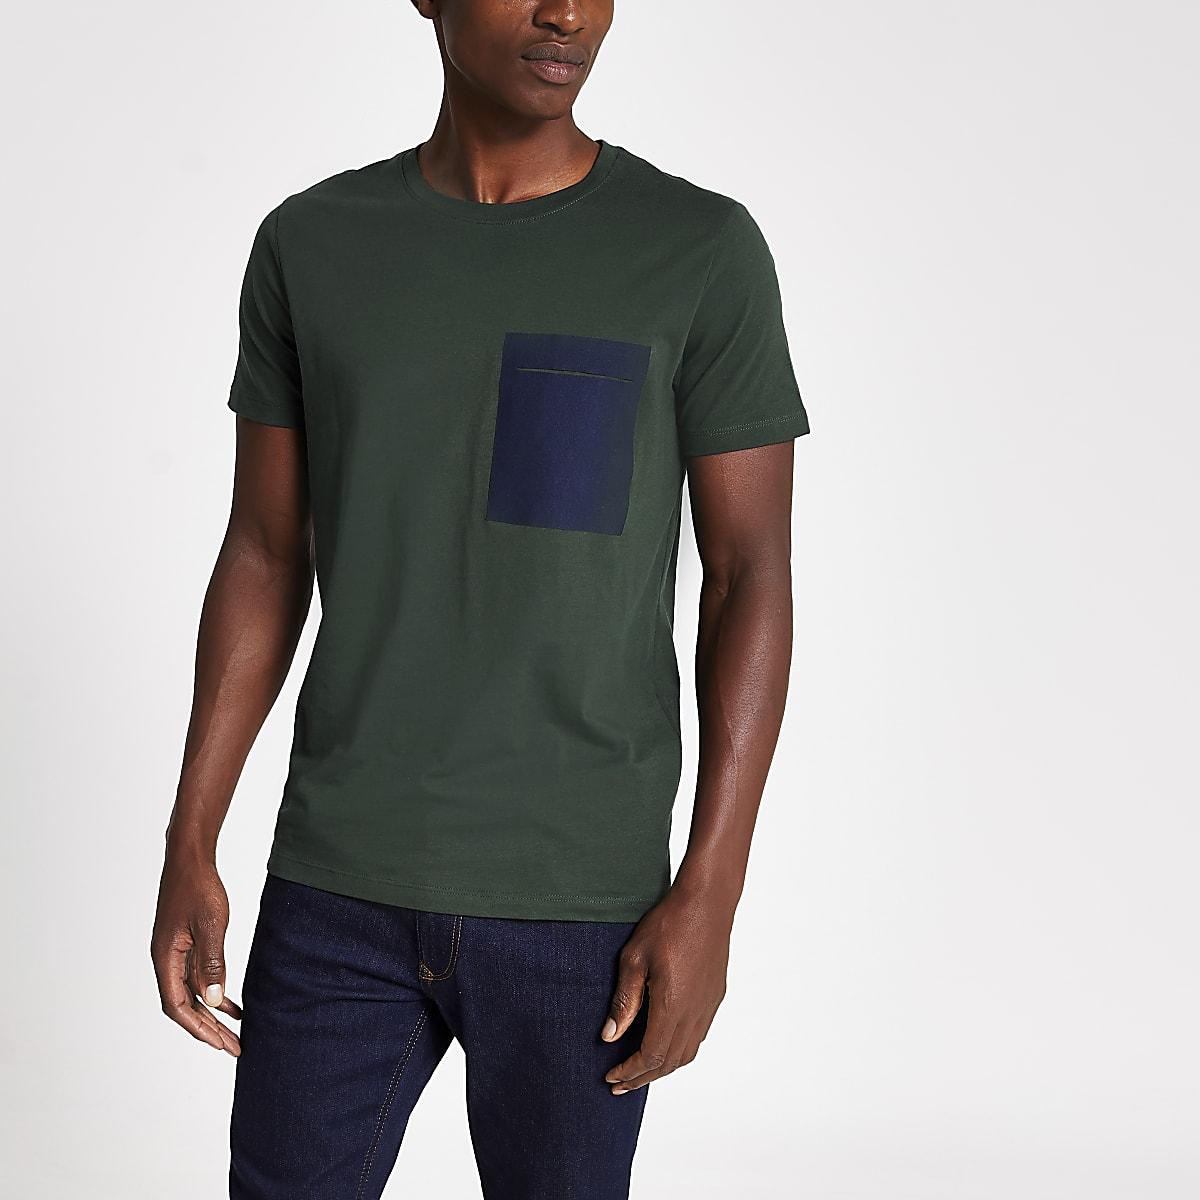 Selected Homme - Groen T-shirt met borstzak